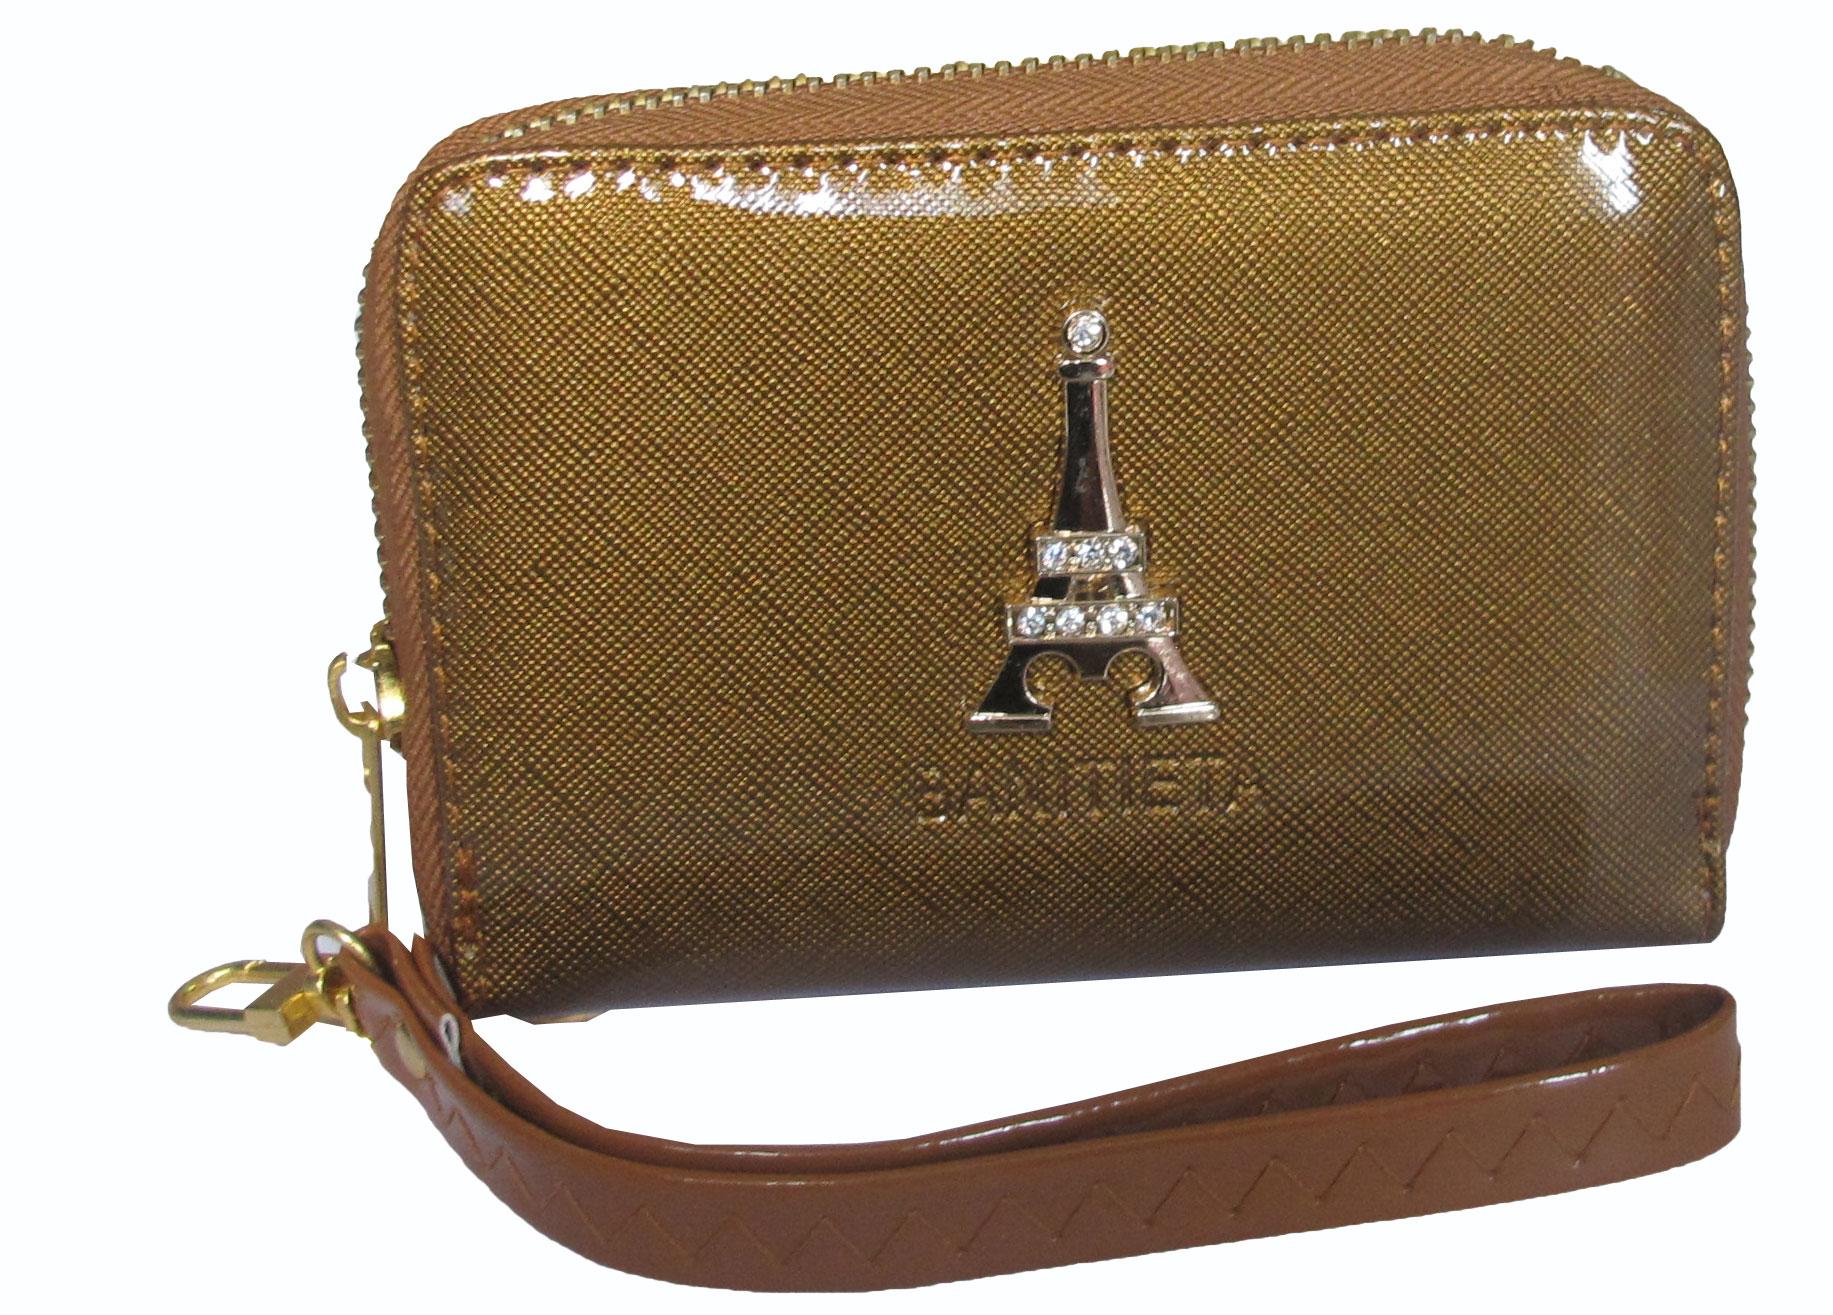 กระเป๋าแฟชั่น แบบ รูดซิบ ขนาดเล็ก กระทัดรัด หลากสี หลากสไตน์ น่ารัก เก๋ไก๋